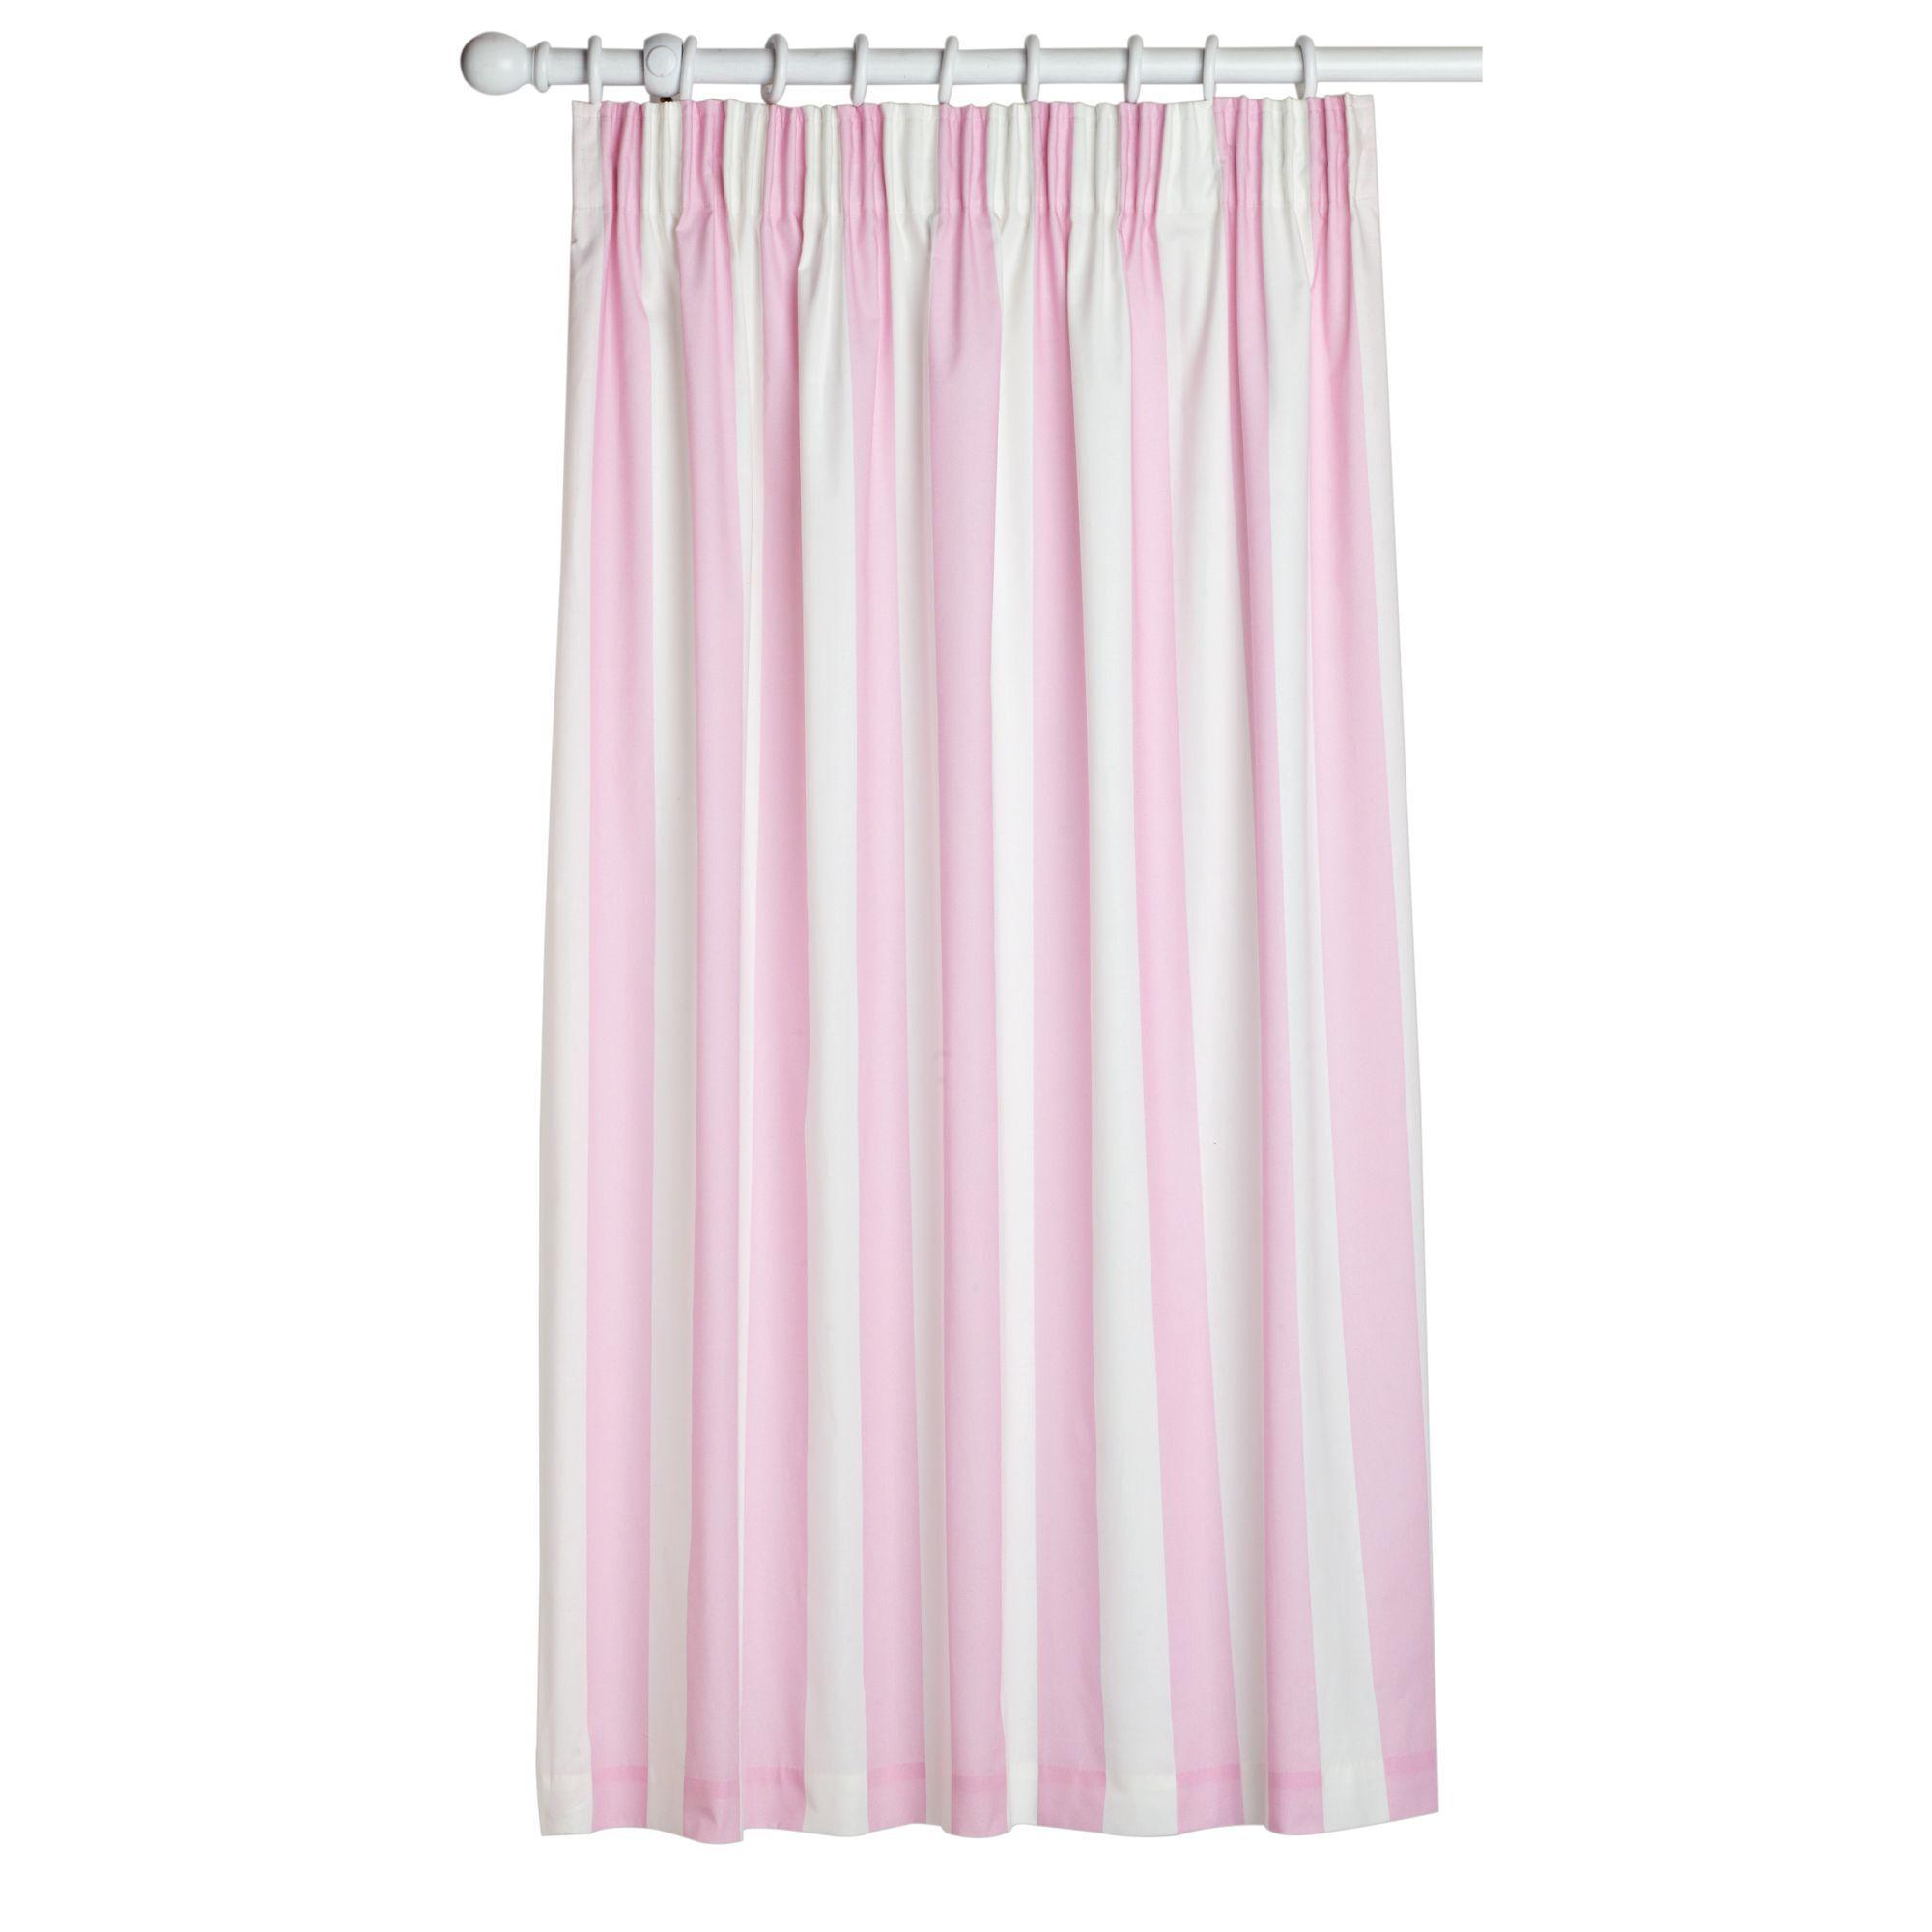 Pink & White Curtains GrahamBrownUK